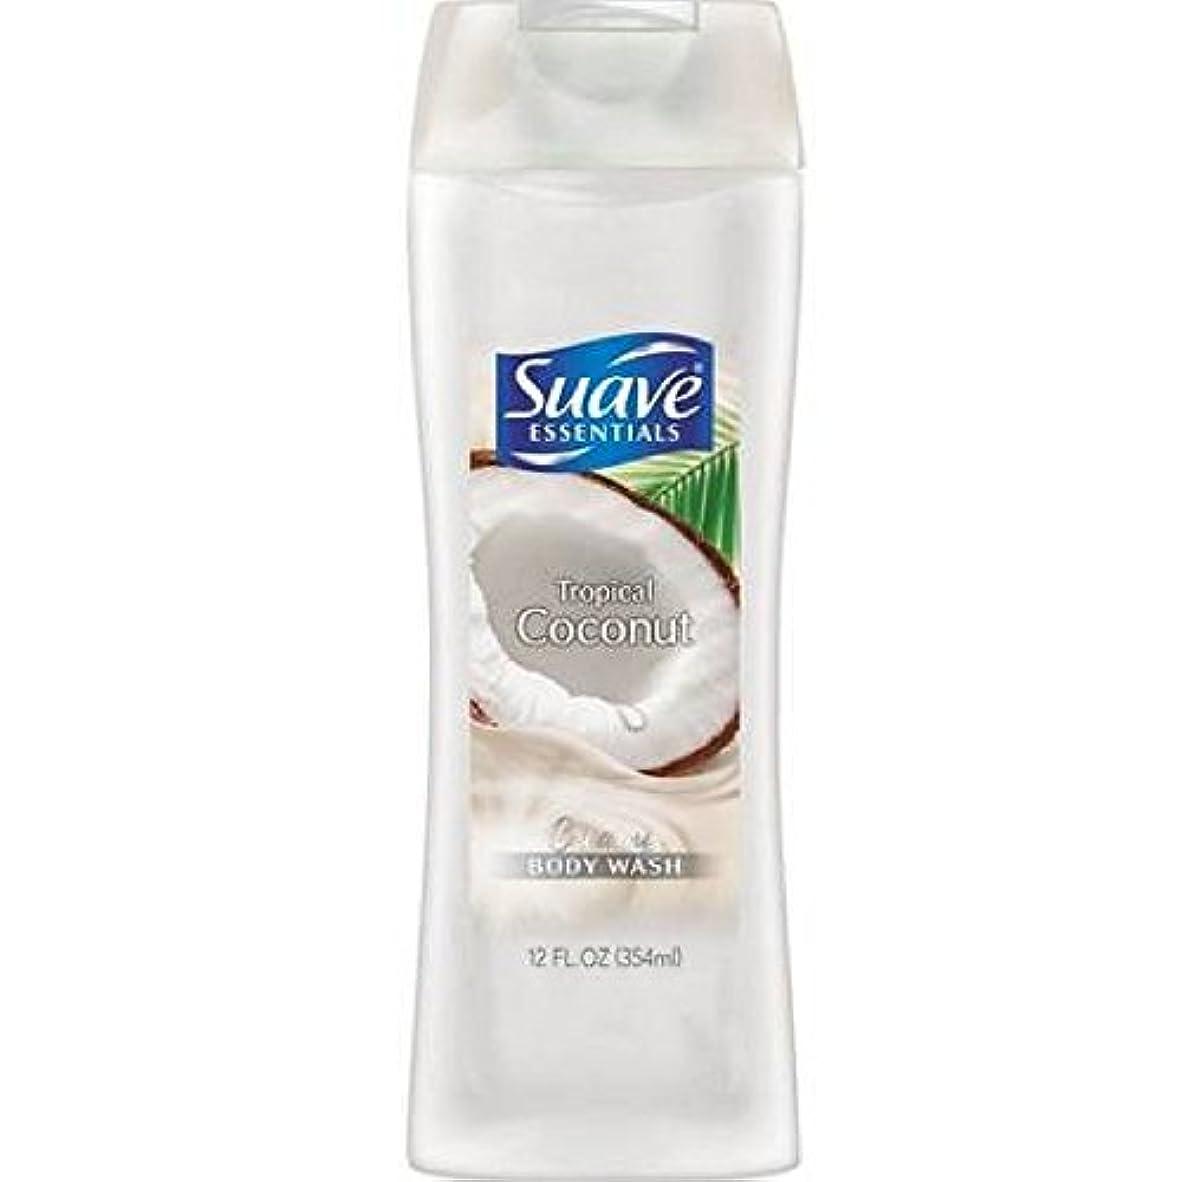 写真のエピソードロケットSuave Naturals Body Wash - Tropical Coconut - 12 oz - 2 pk by Suave [並行輸入品]